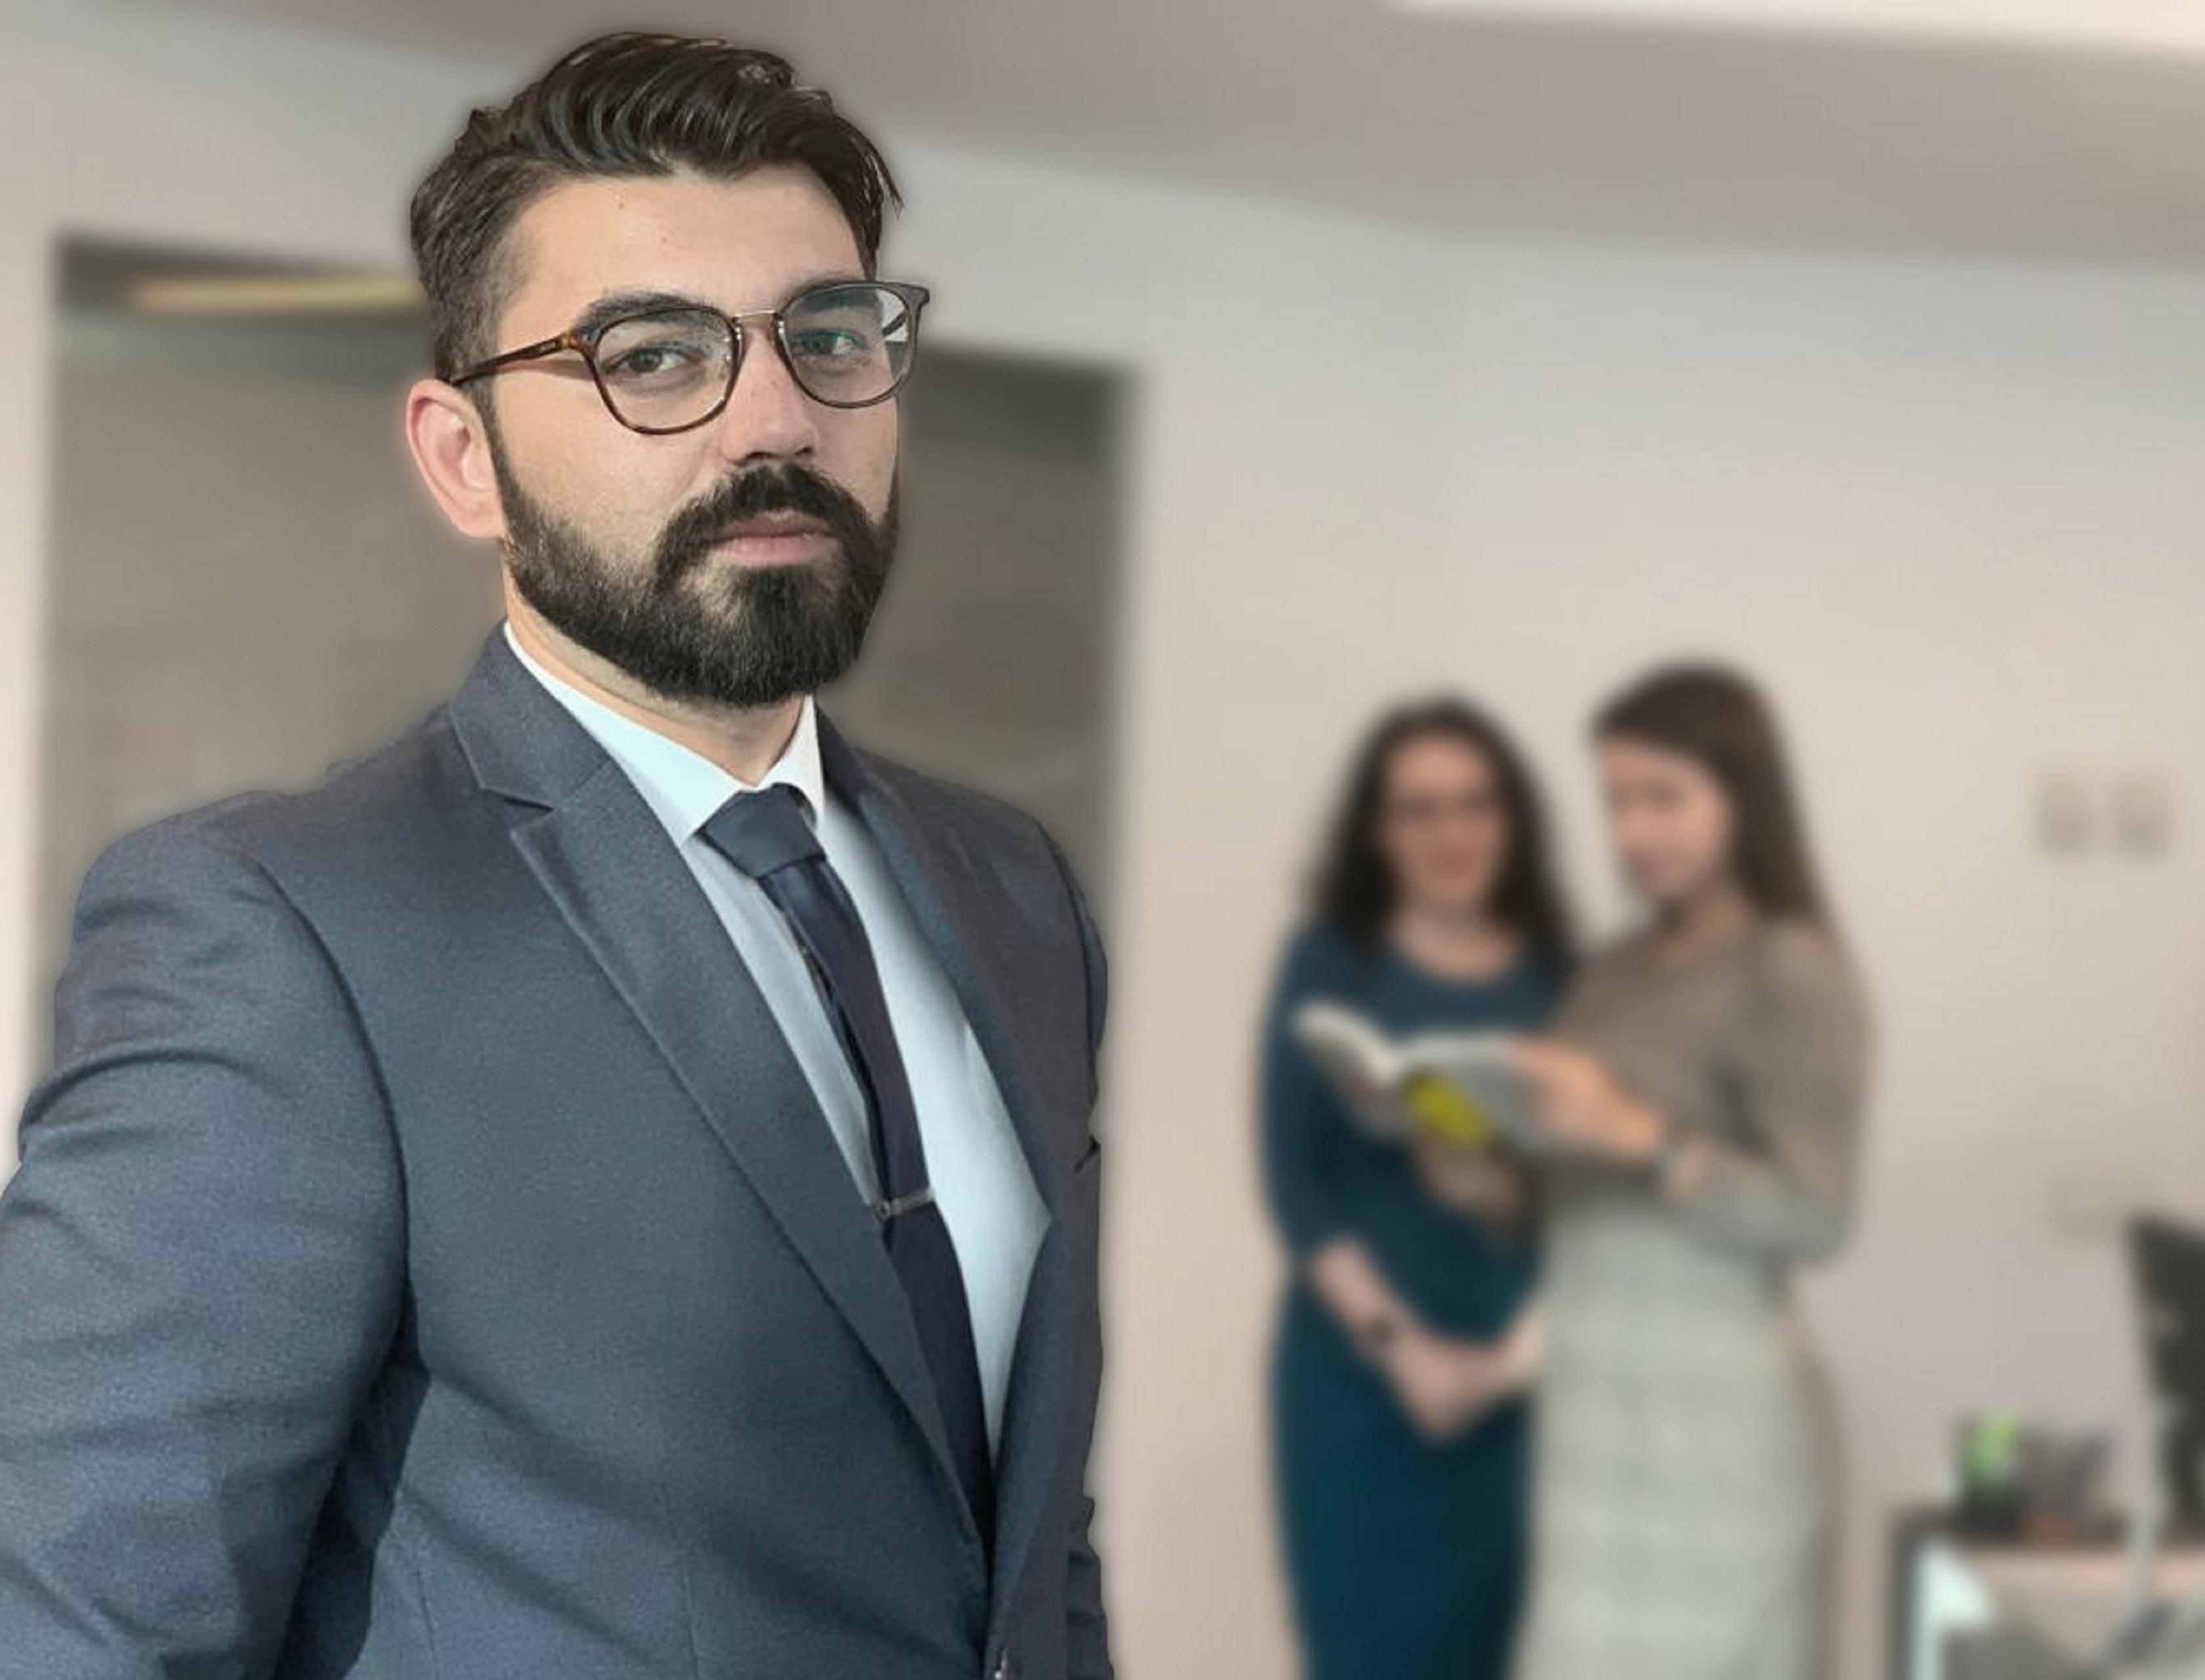 Vlad Dumitru Associate ONV LAW blurred. bun